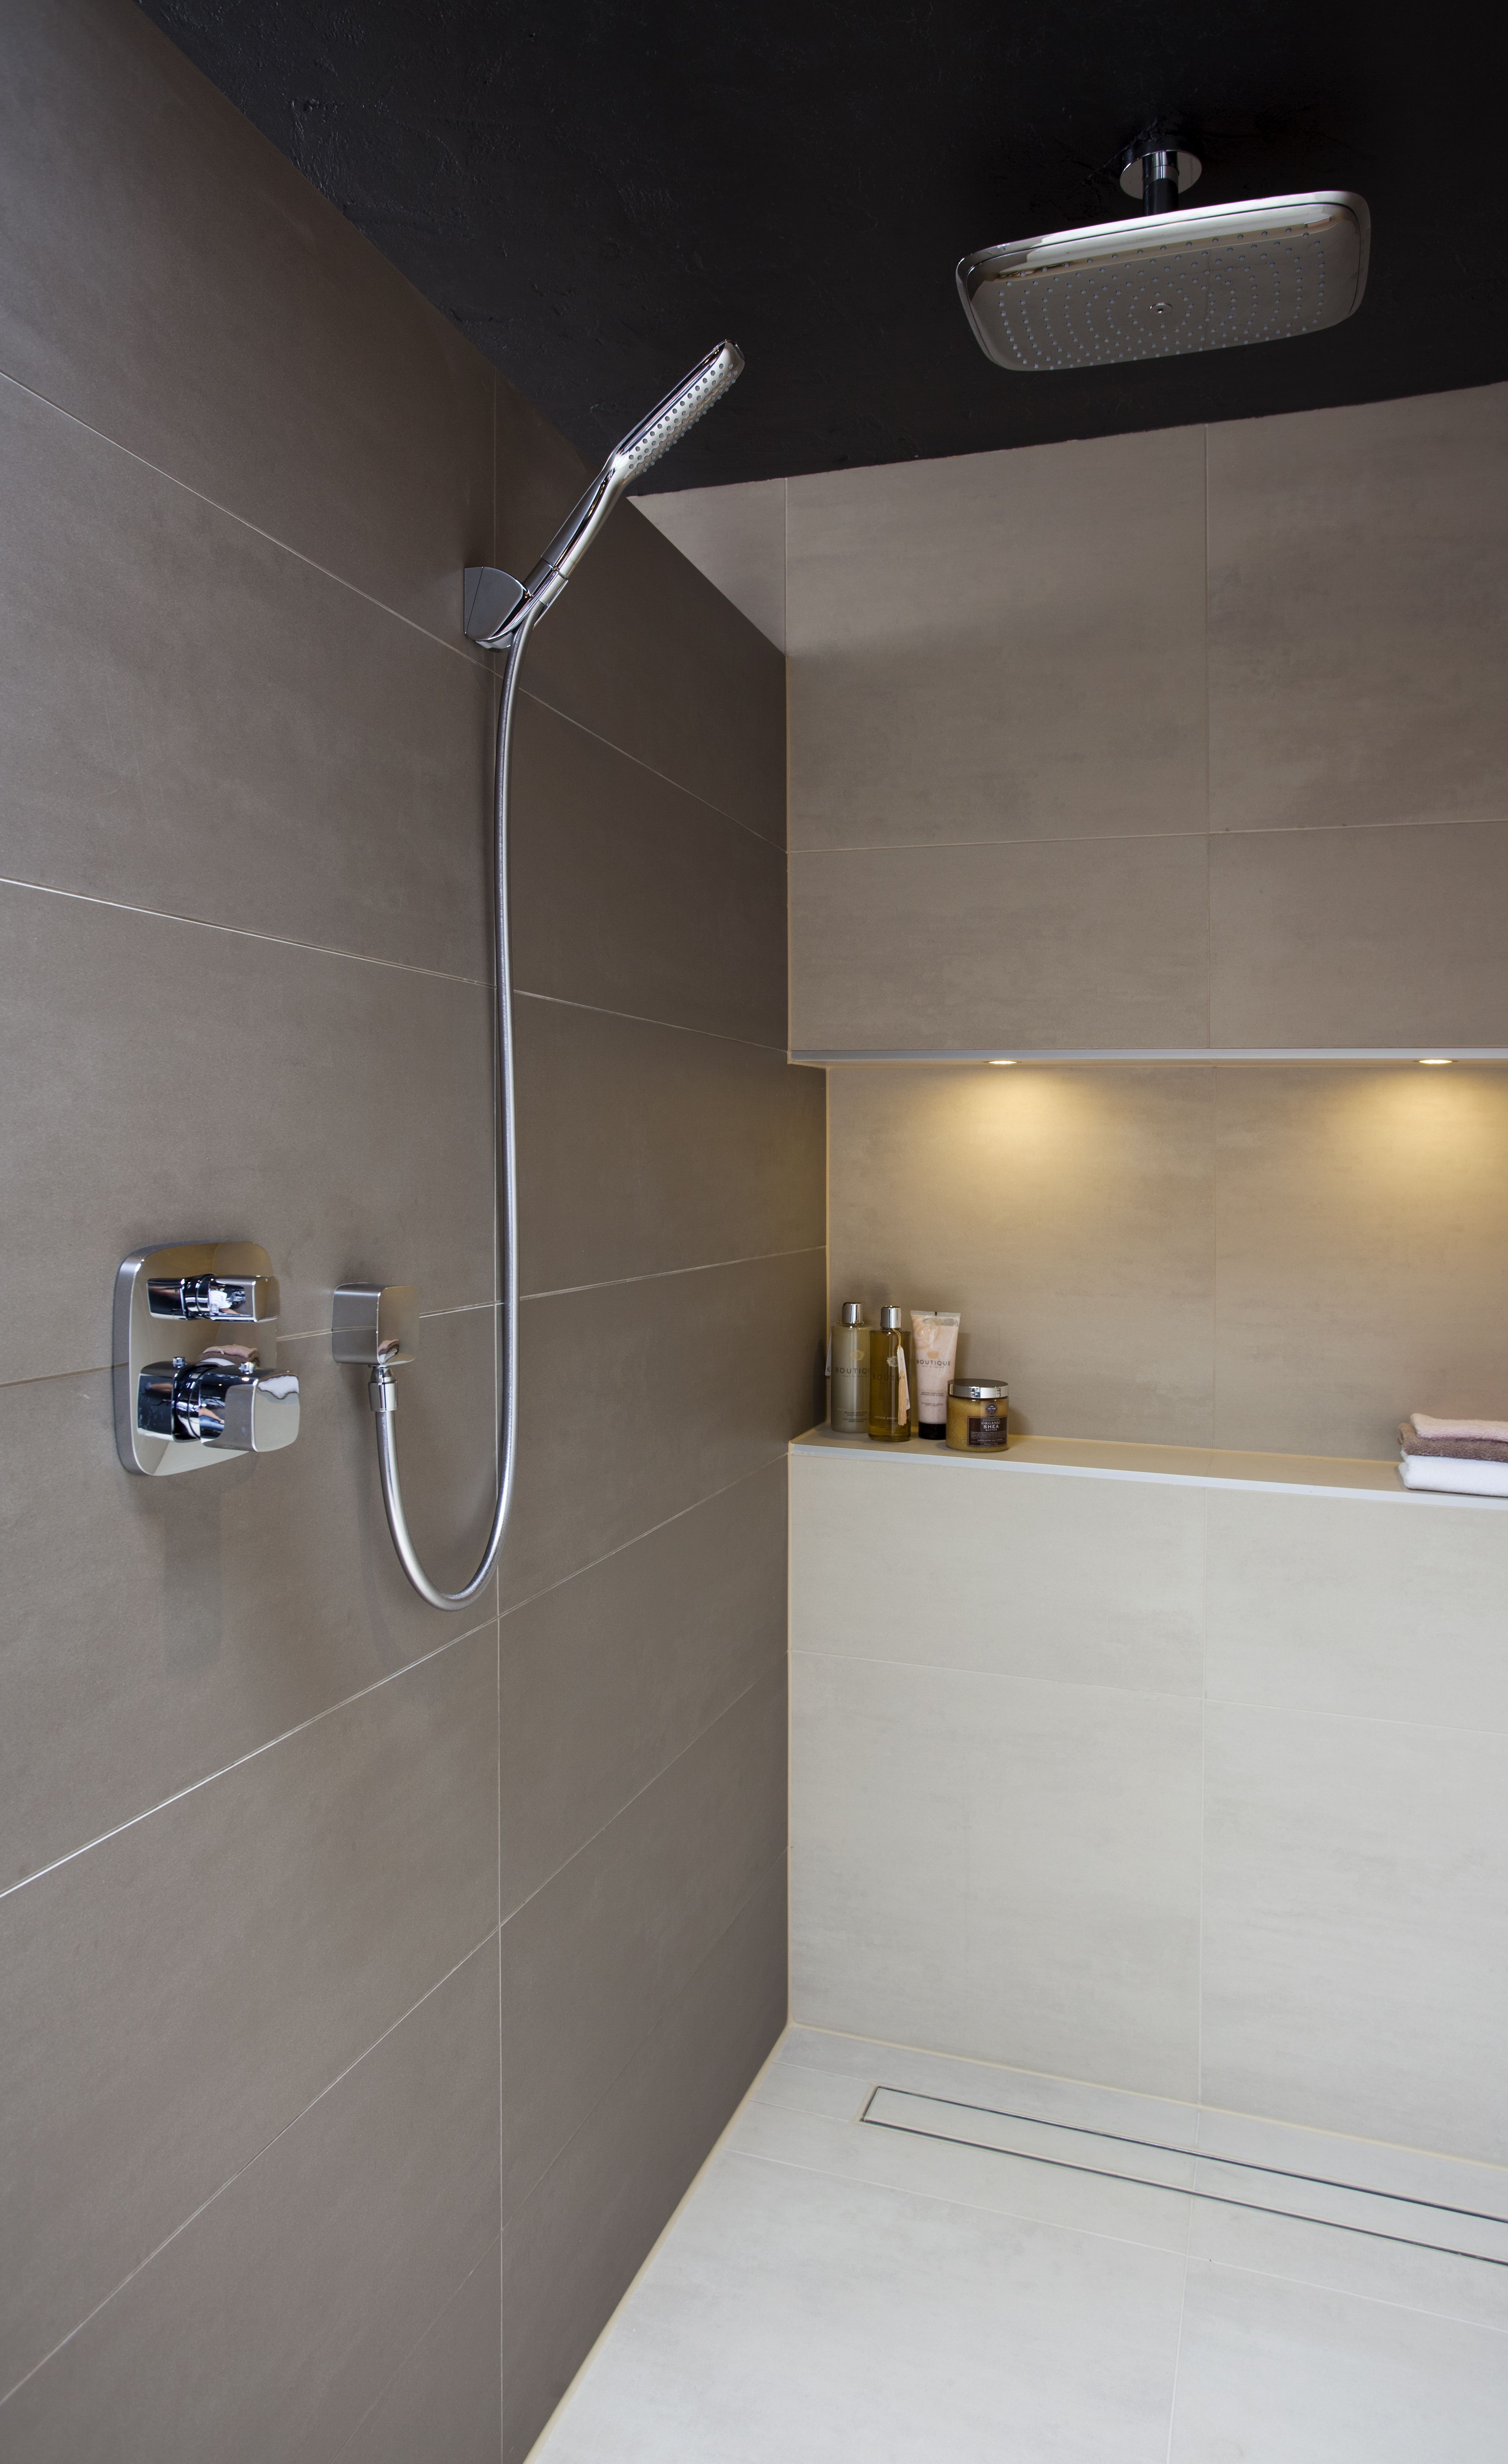 badezimmer dusche beleuchtung h user in 2018 pinterest badezimmer bad und baden. Black Bedroom Furniture Sets. Home Design Ideas